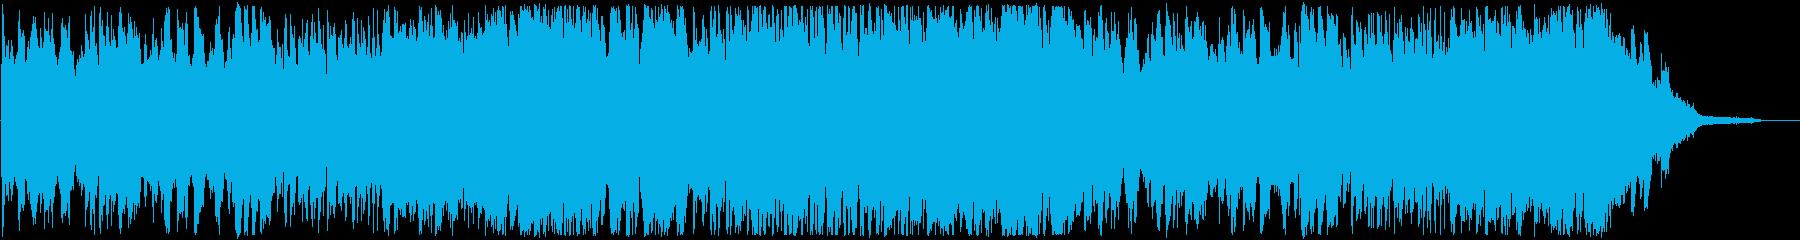 オープニング・おしゃれなR&Bの再生済みの波形